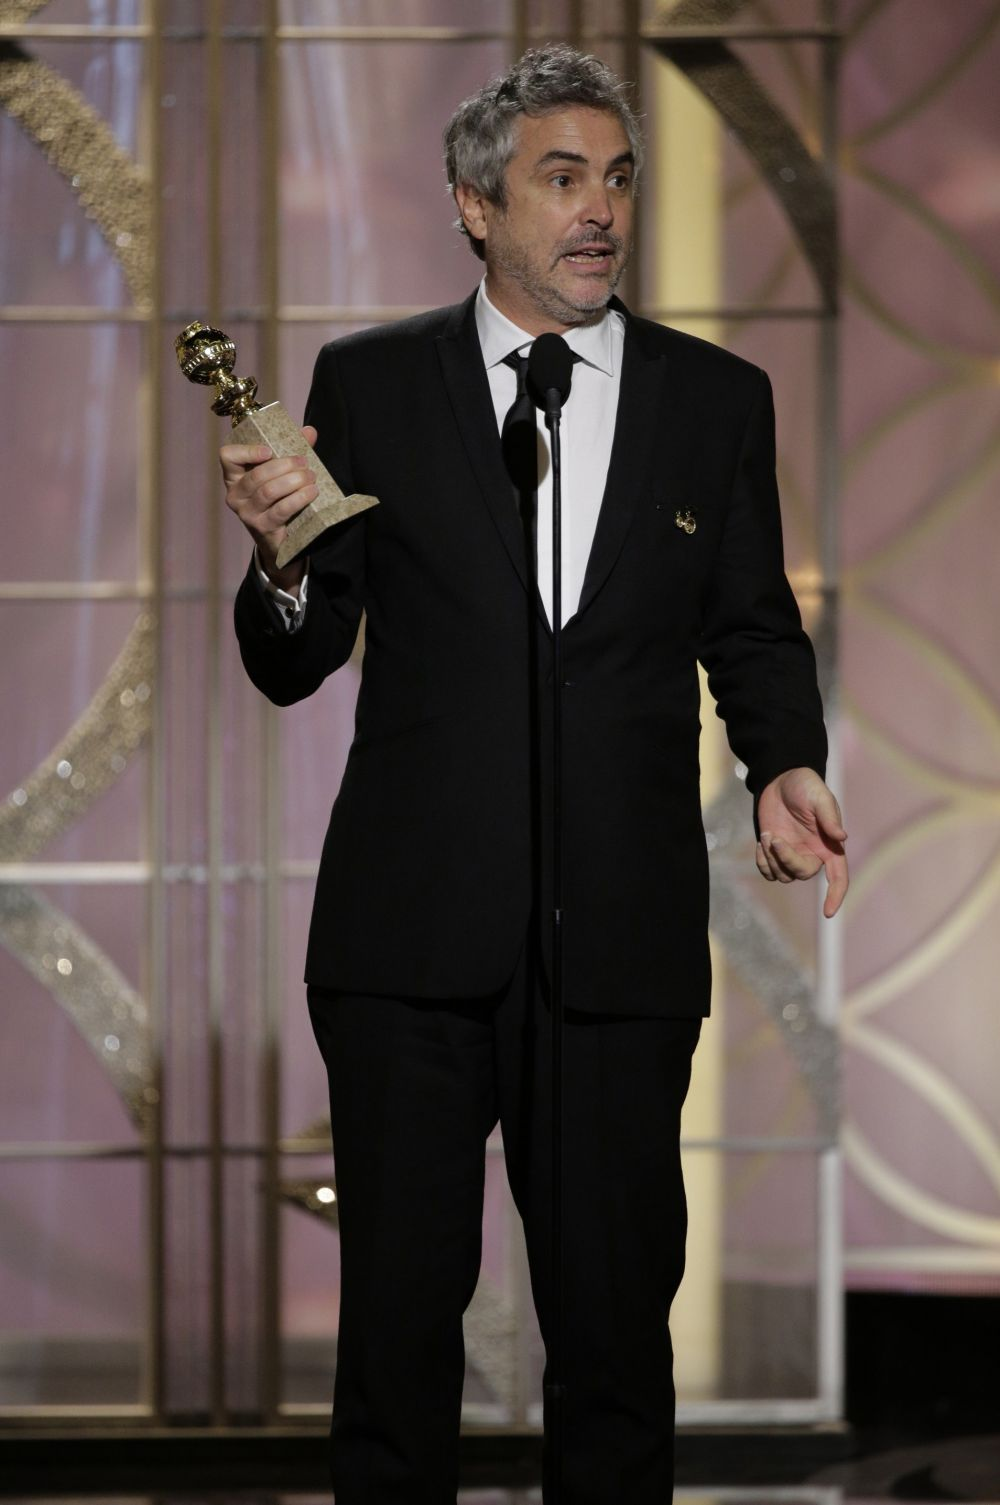 Фильм «Гравитация» получил на этом «Золотом глобусе» четыре номинации, но выиграл лишь одну награду – Альфонсо Куарон был назван лучшим режиссёром.